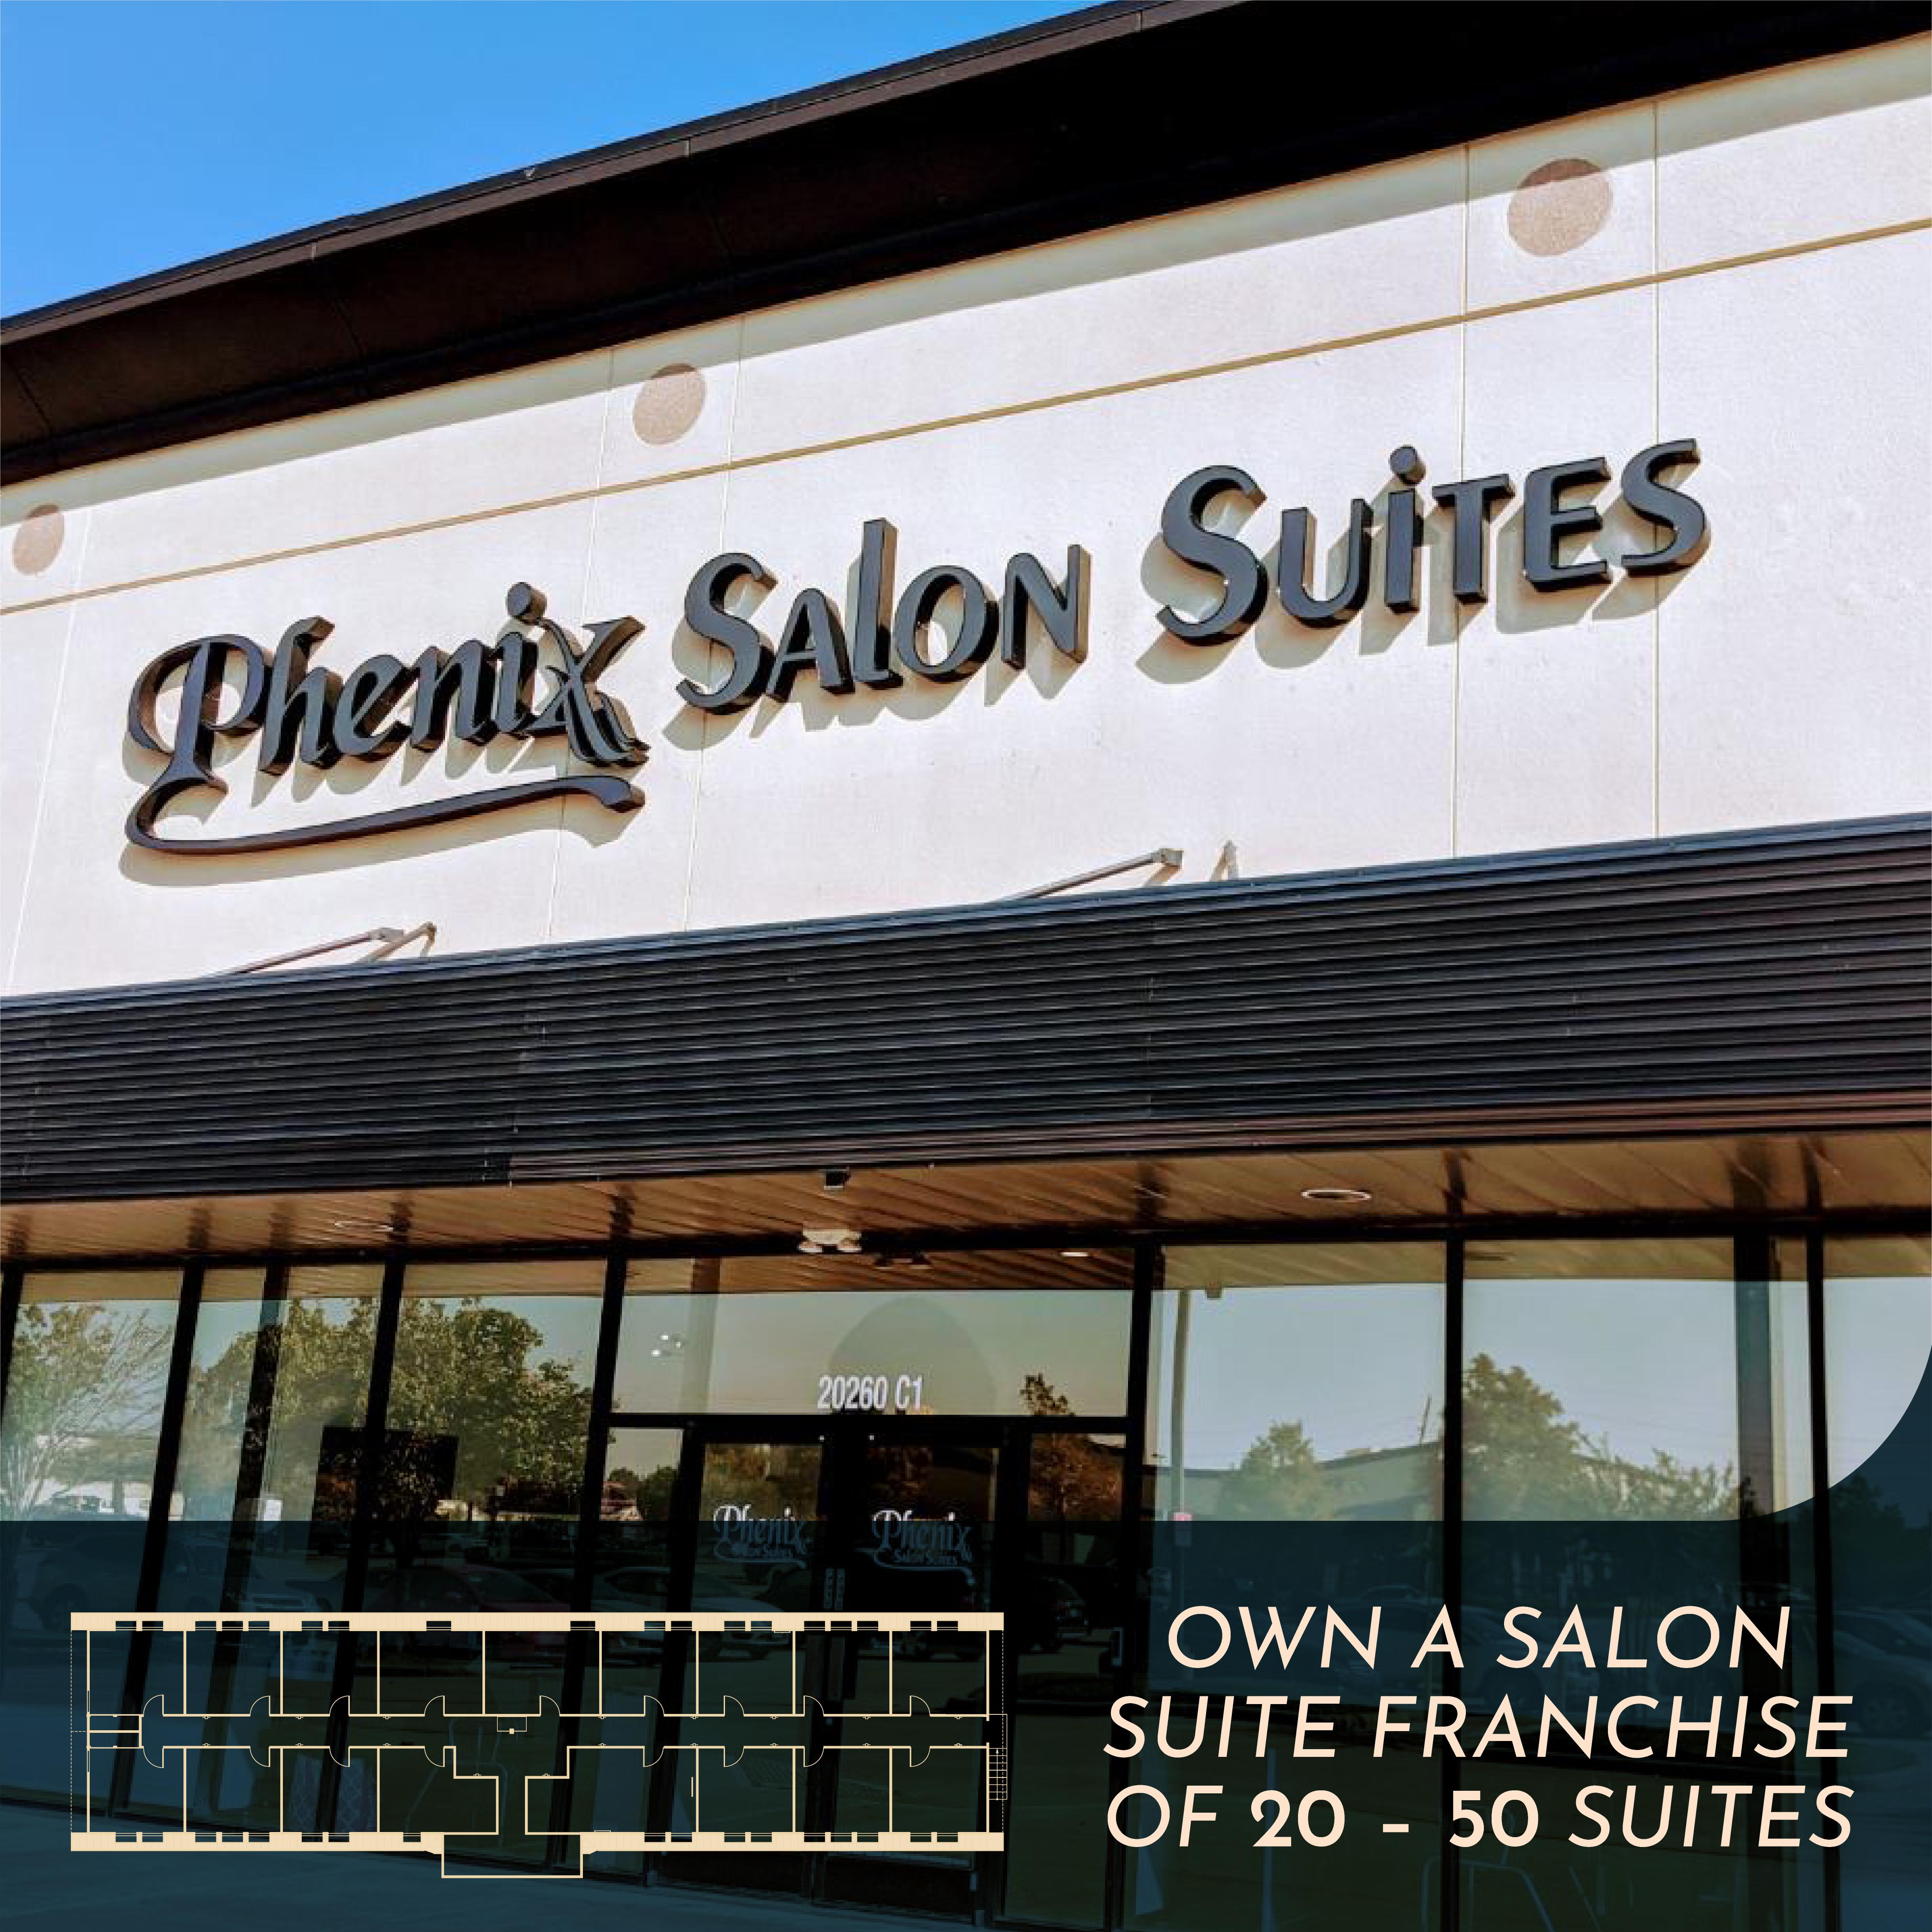 Own a Phenix Salon Suite franchise